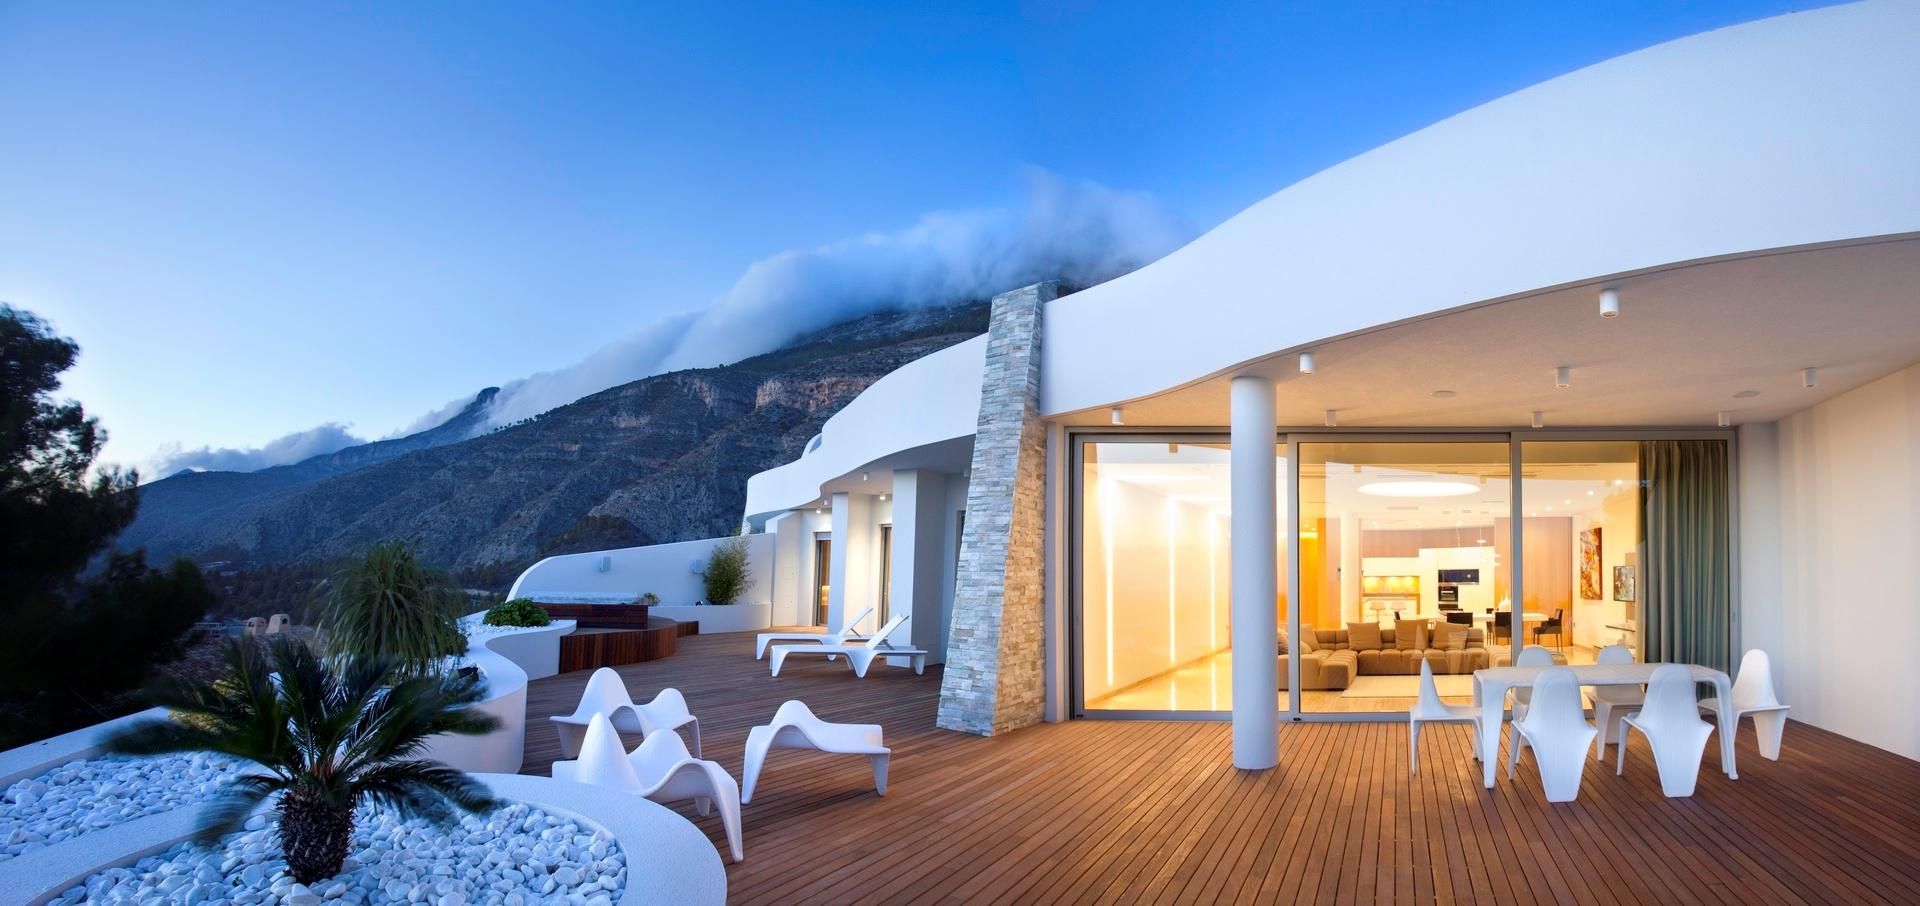 Neu entwickeltes Wohngebiet an der Costa Blanca